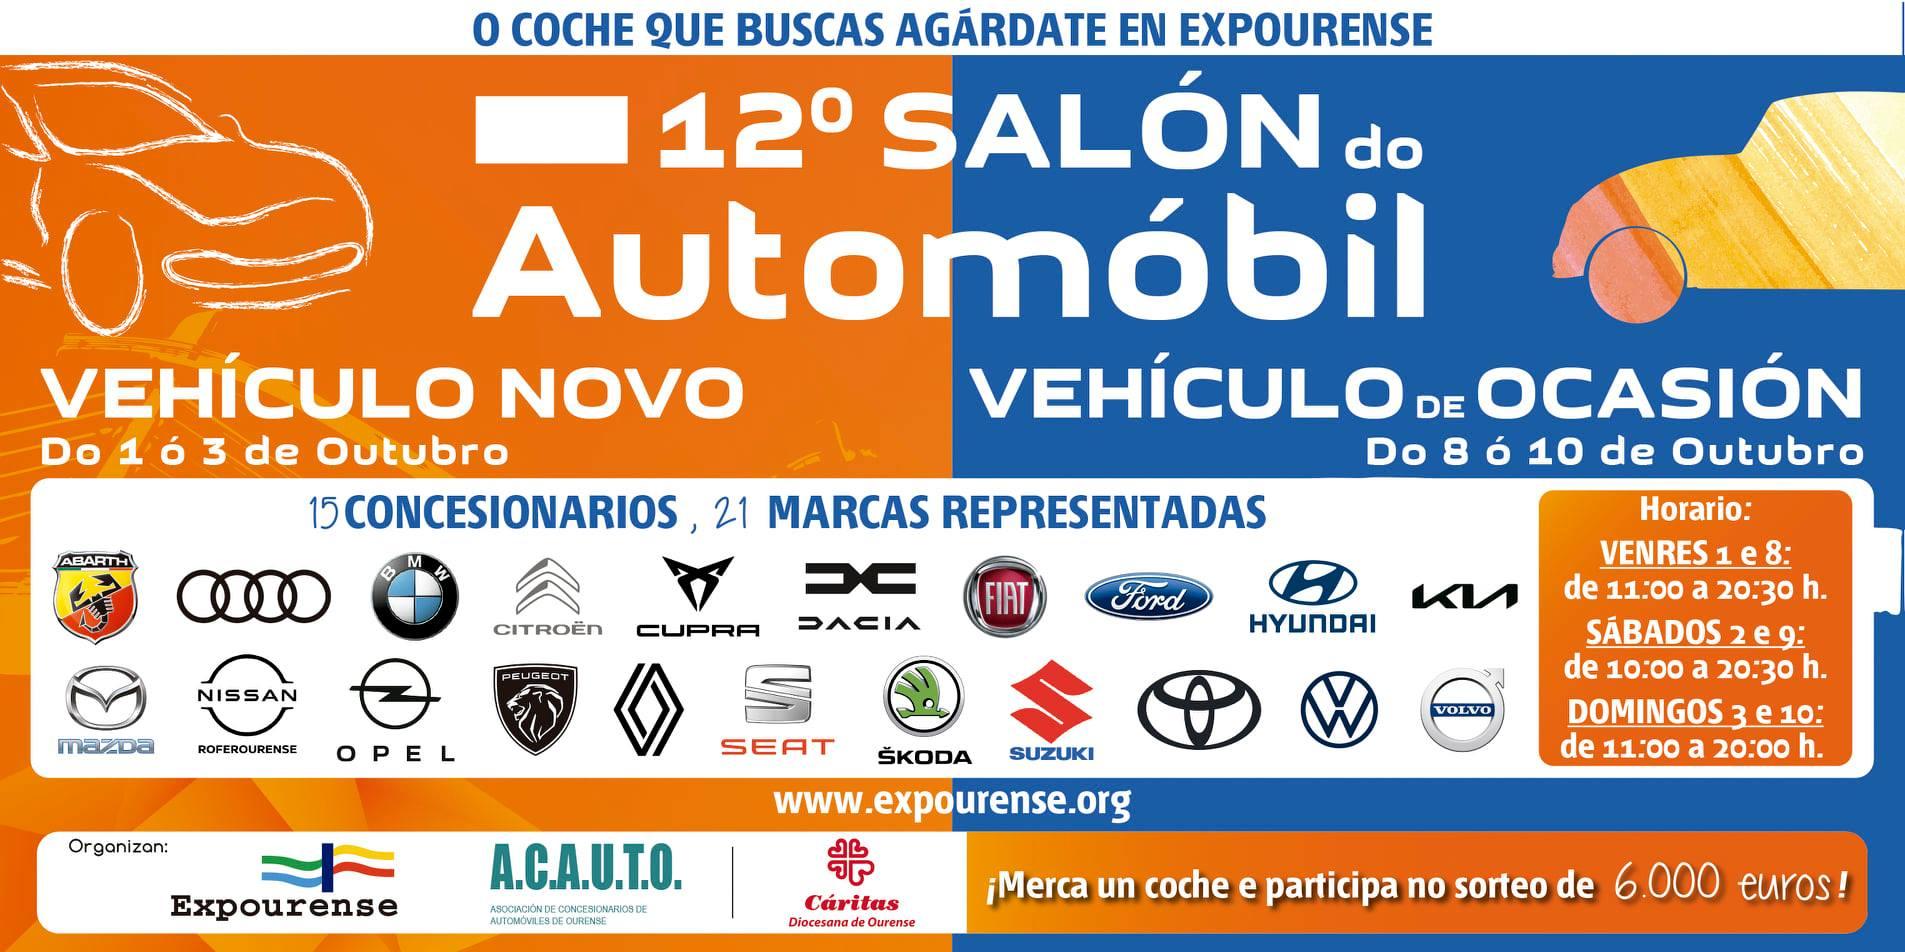 TOMÓVIL CUEVAS PARTICIPA EN EL SALÓN DEL AUTOMÓVIL EN EXPOURENSE